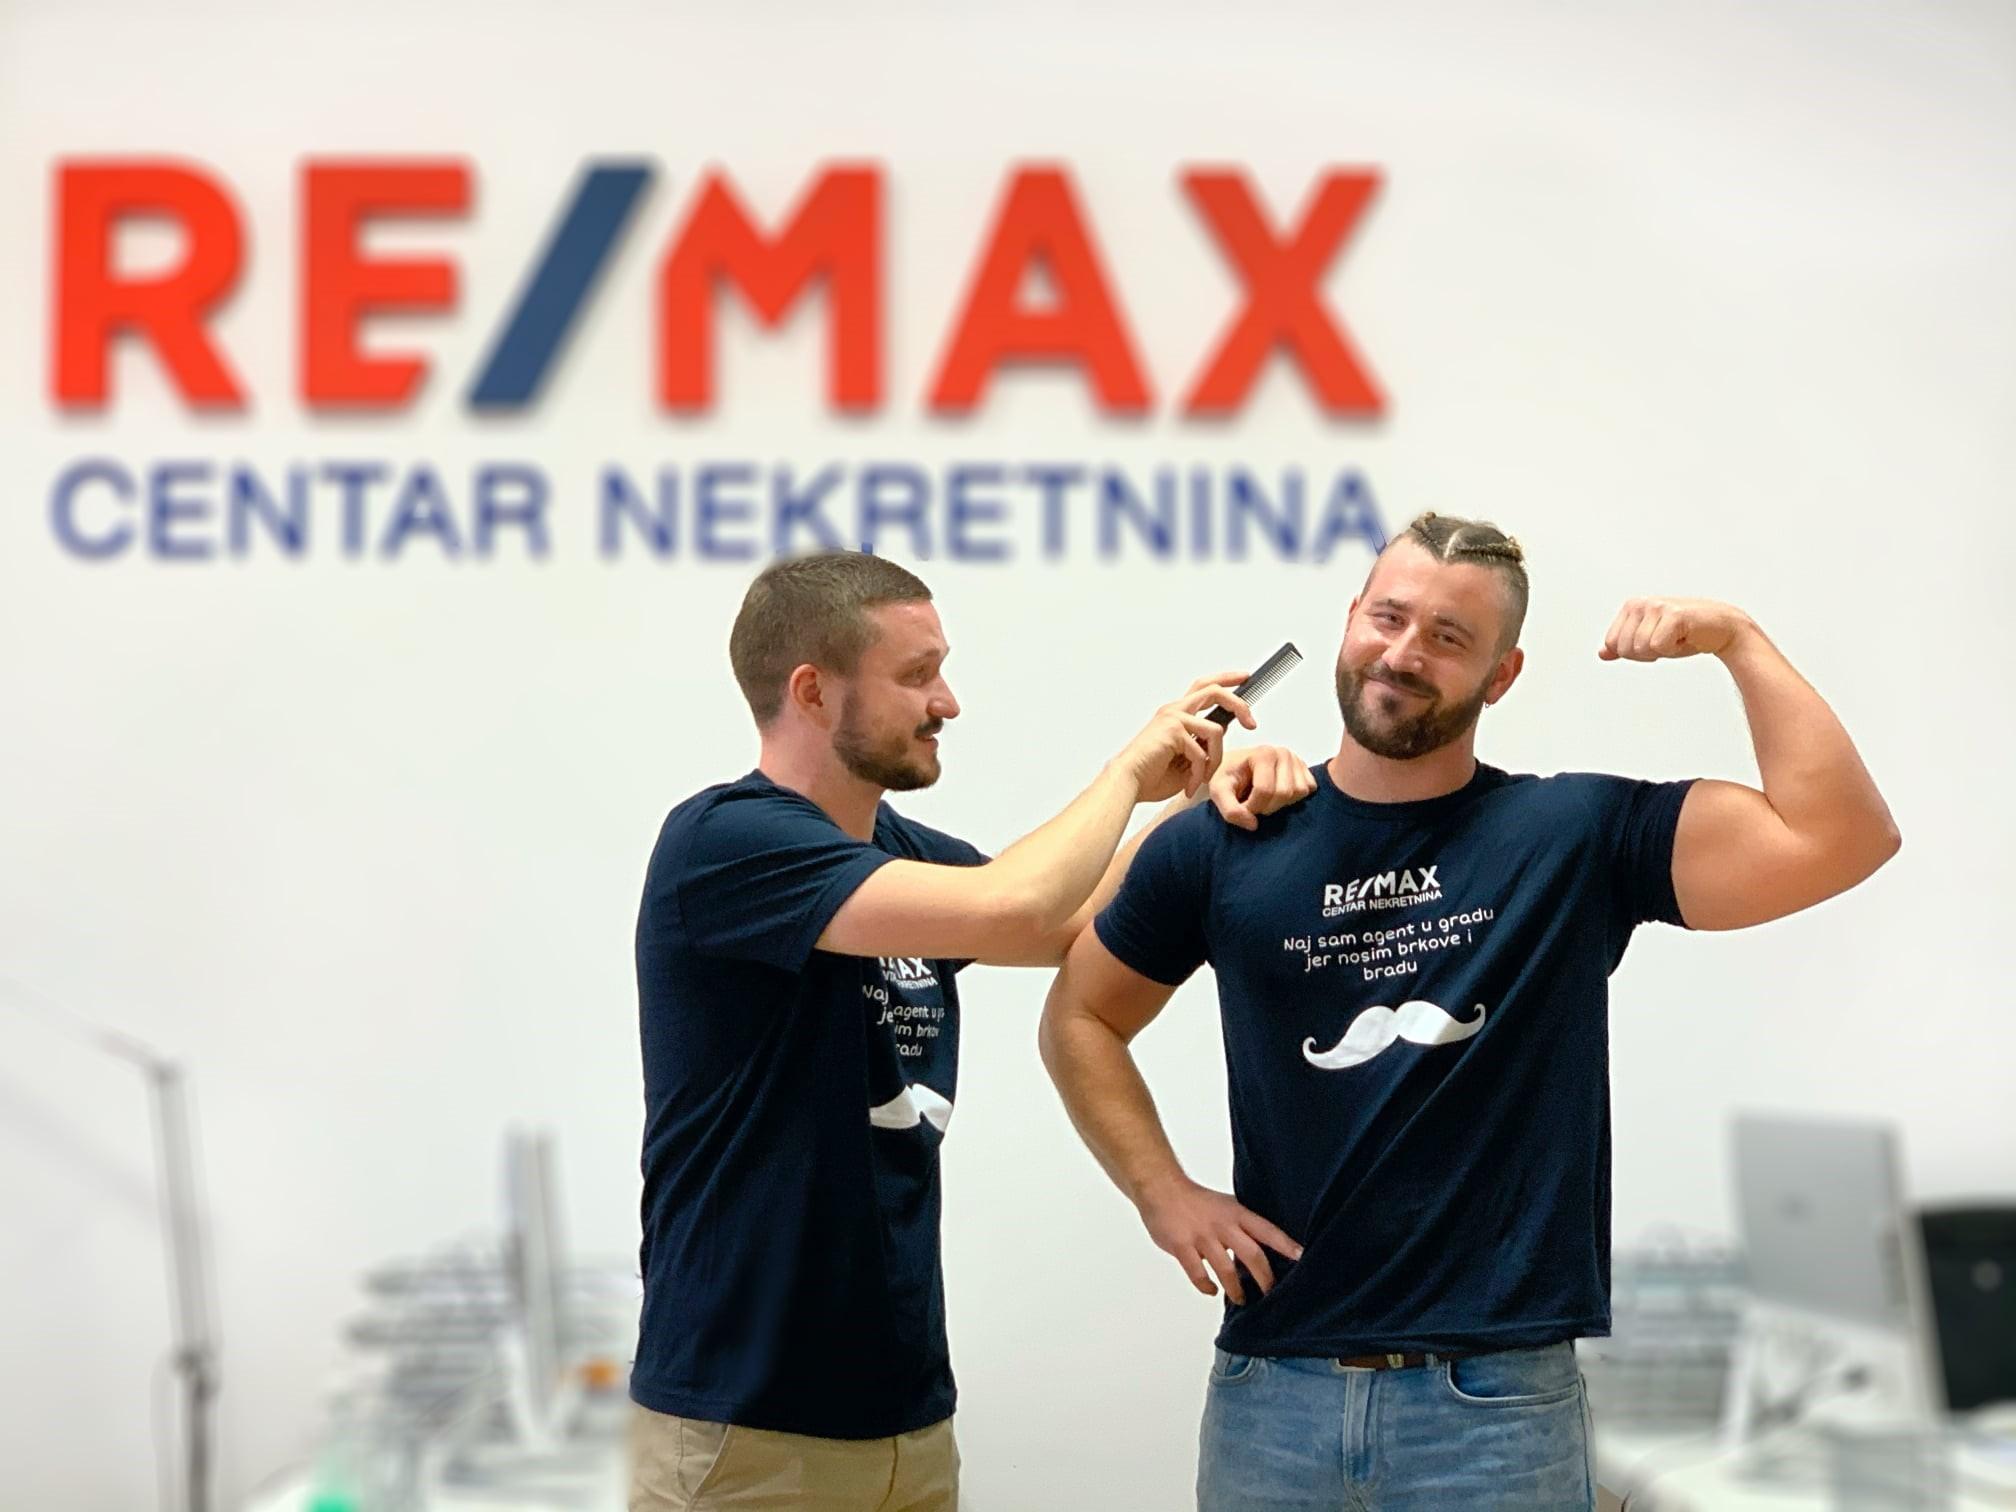 Foto: Remax